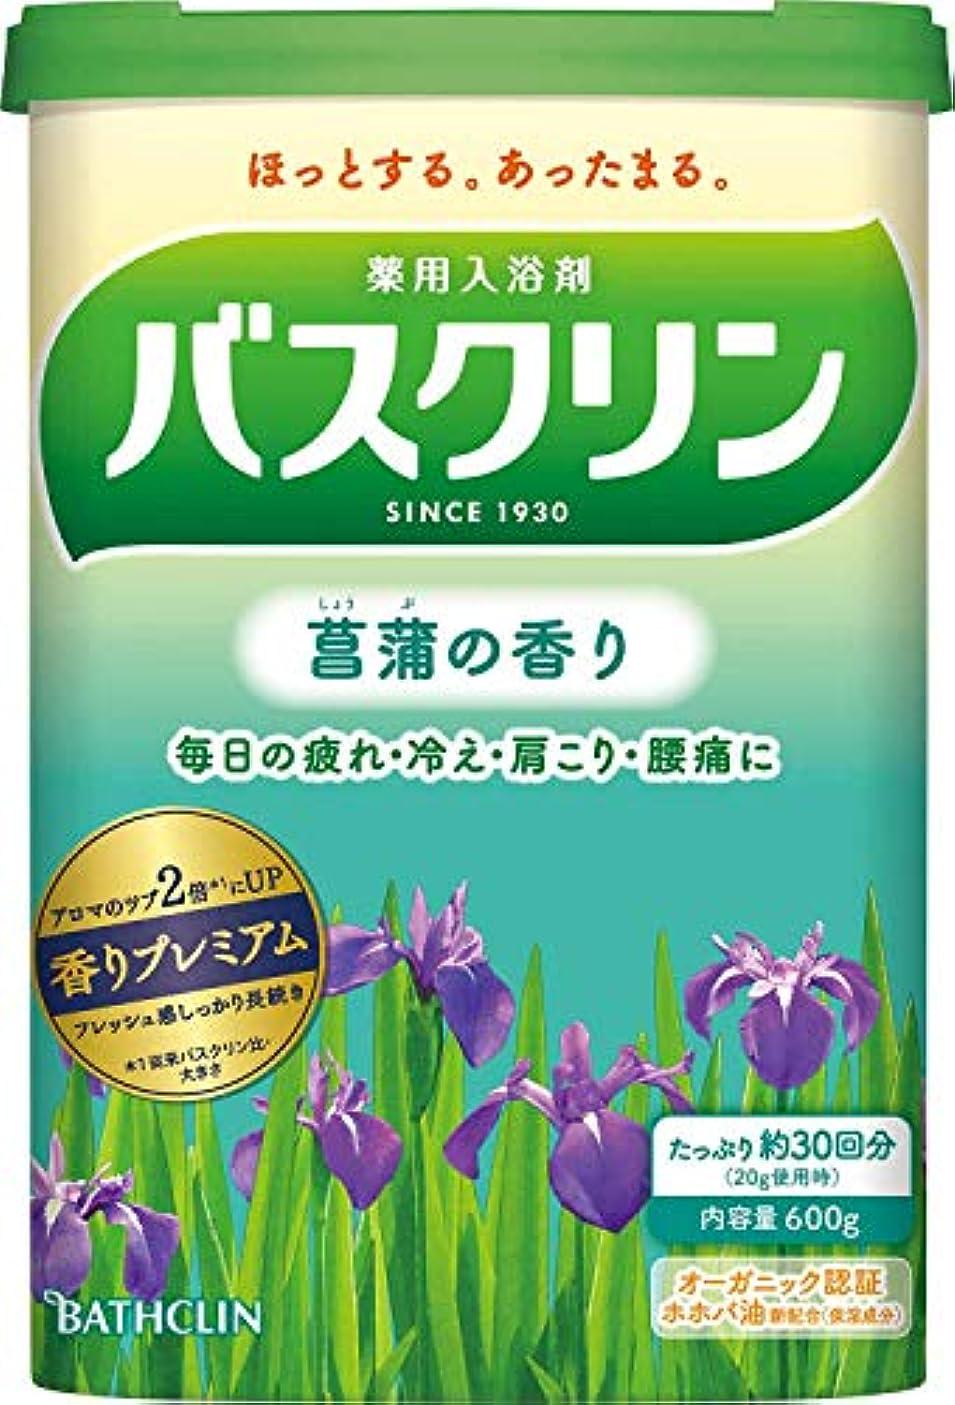 敬なソファー道【医薬部外品】バスクリン入浴剤 菖蒲の香り600g(約30回分) 疲労回復